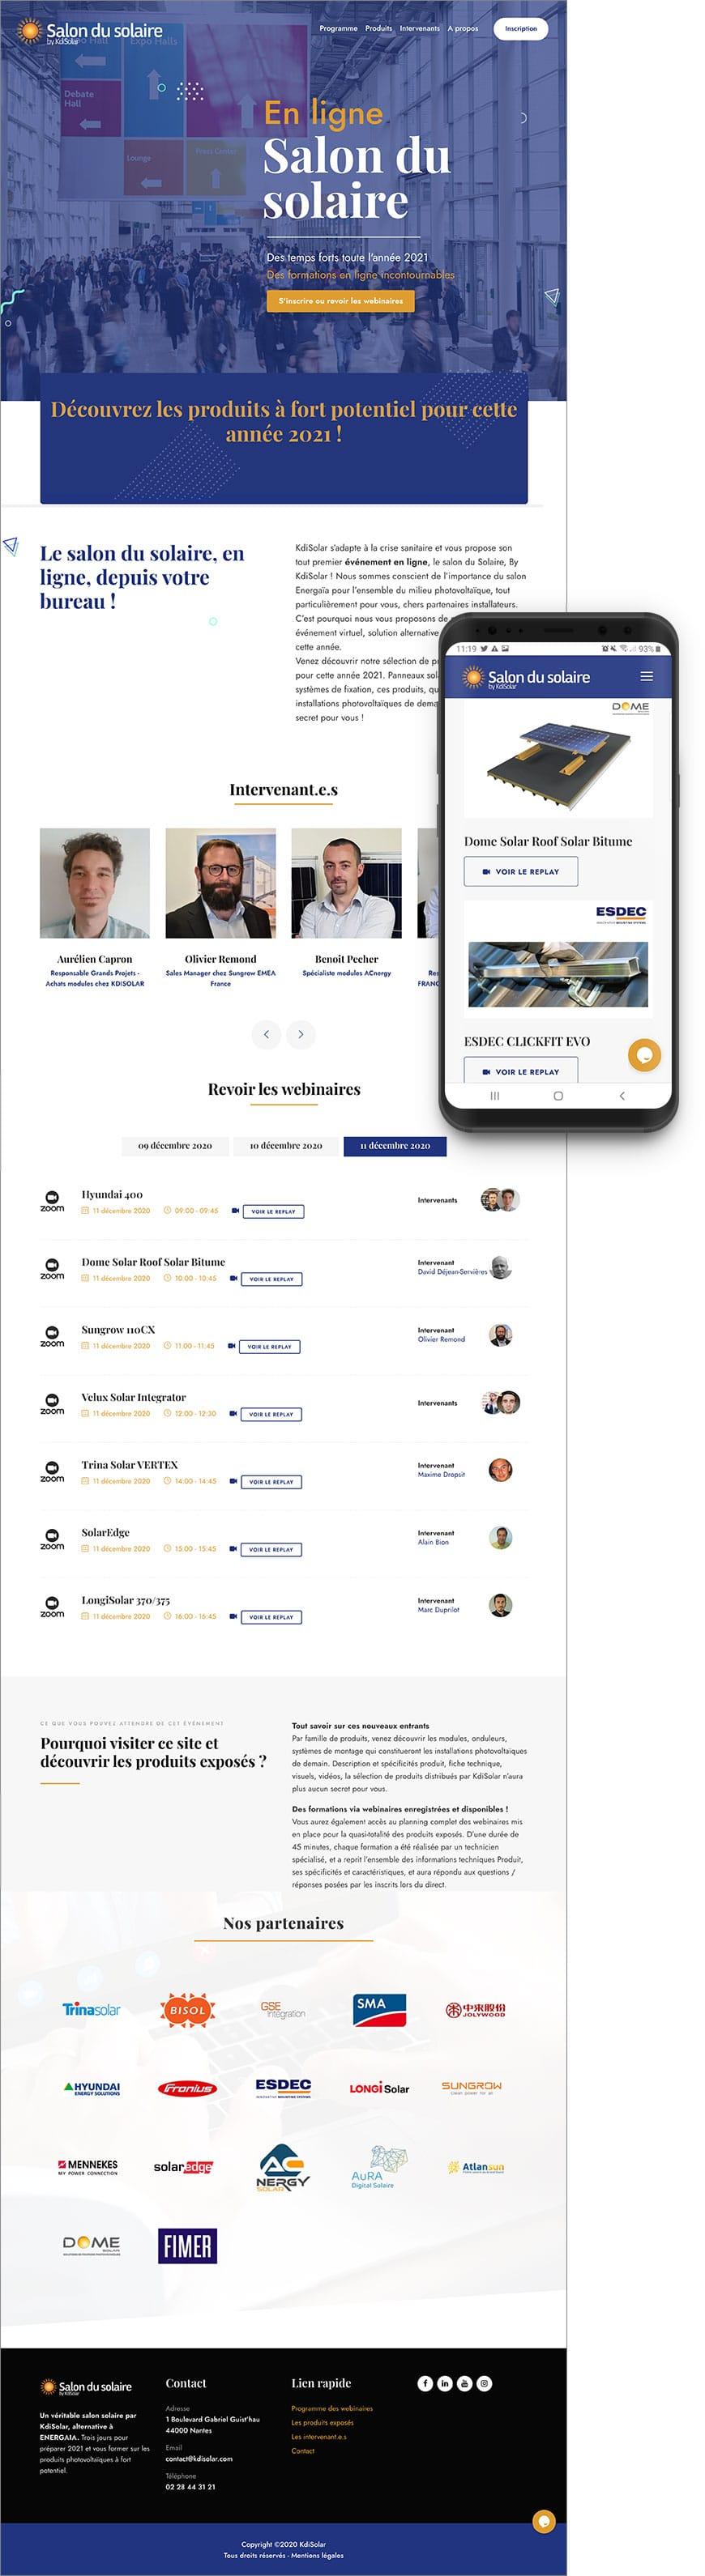 Création de site web pour un salon virtuel